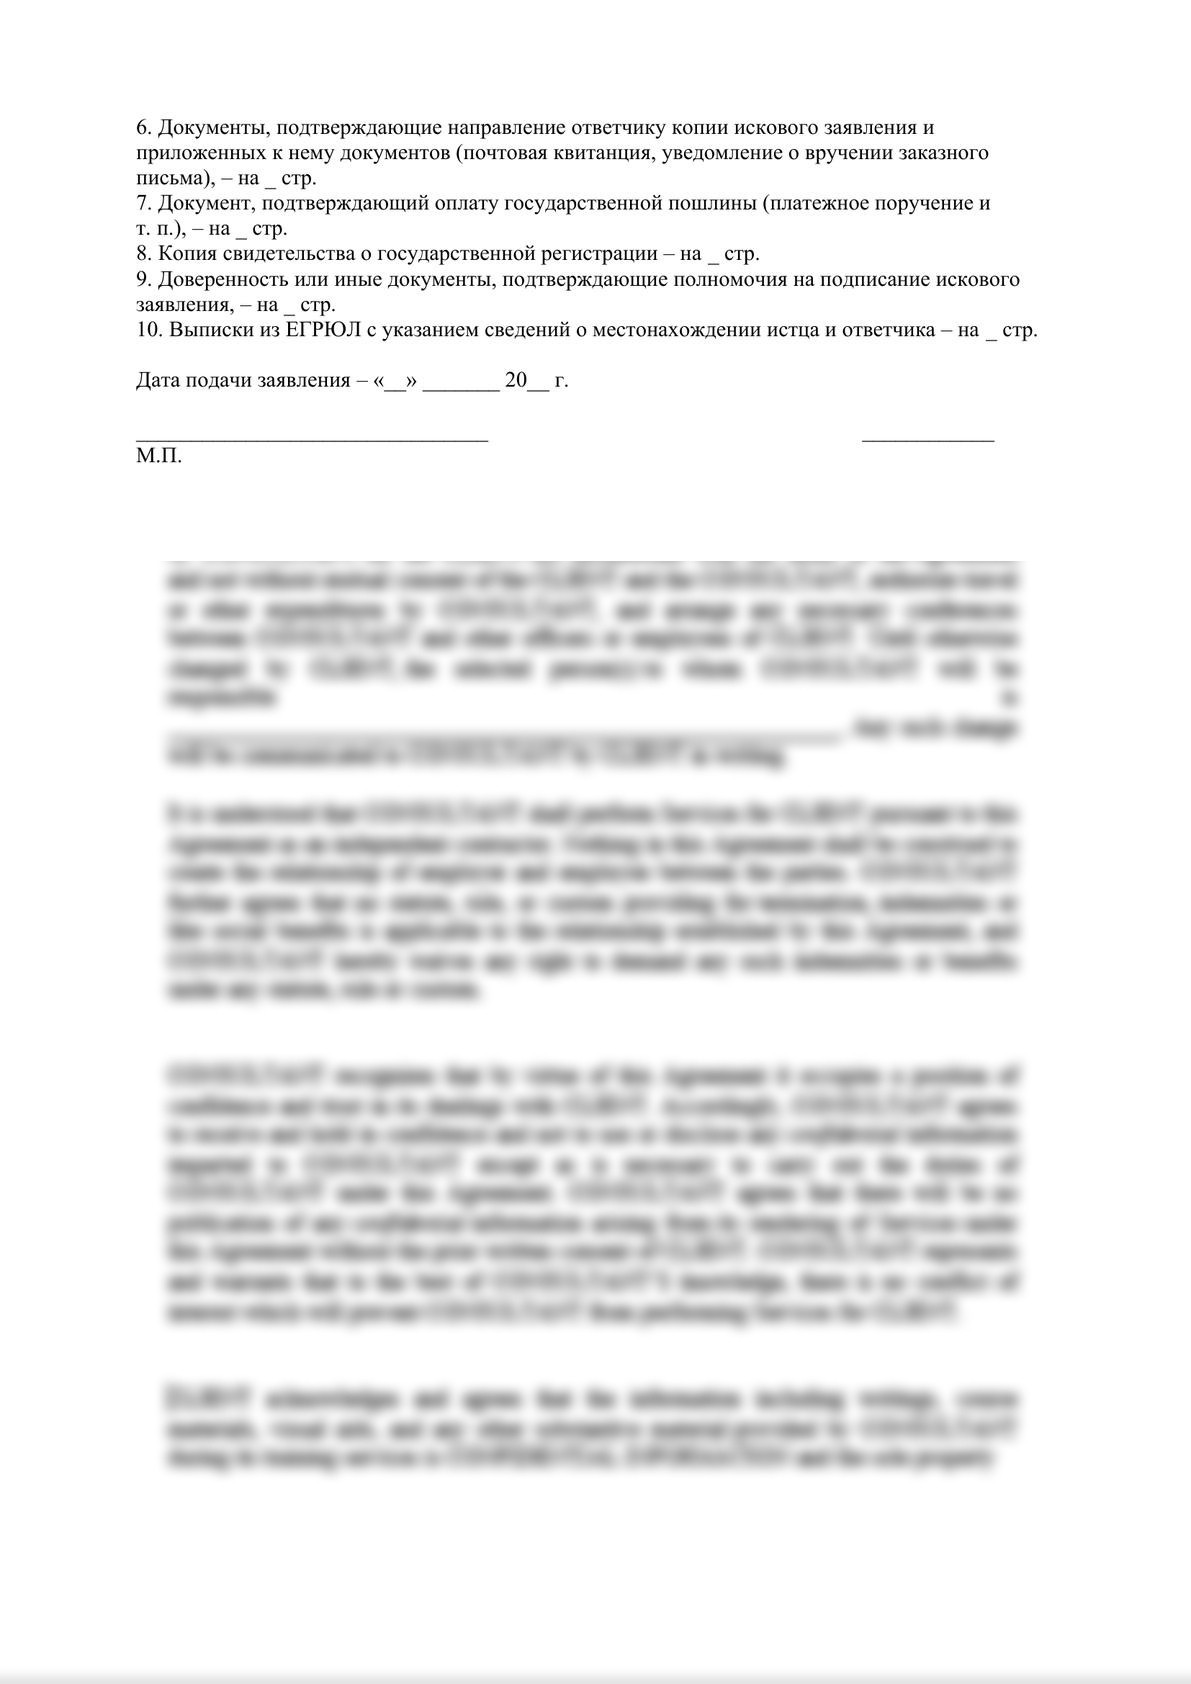 Исковое заявление о возврате суммы неосновательного обогащения и об уплате процентов за пользование -1